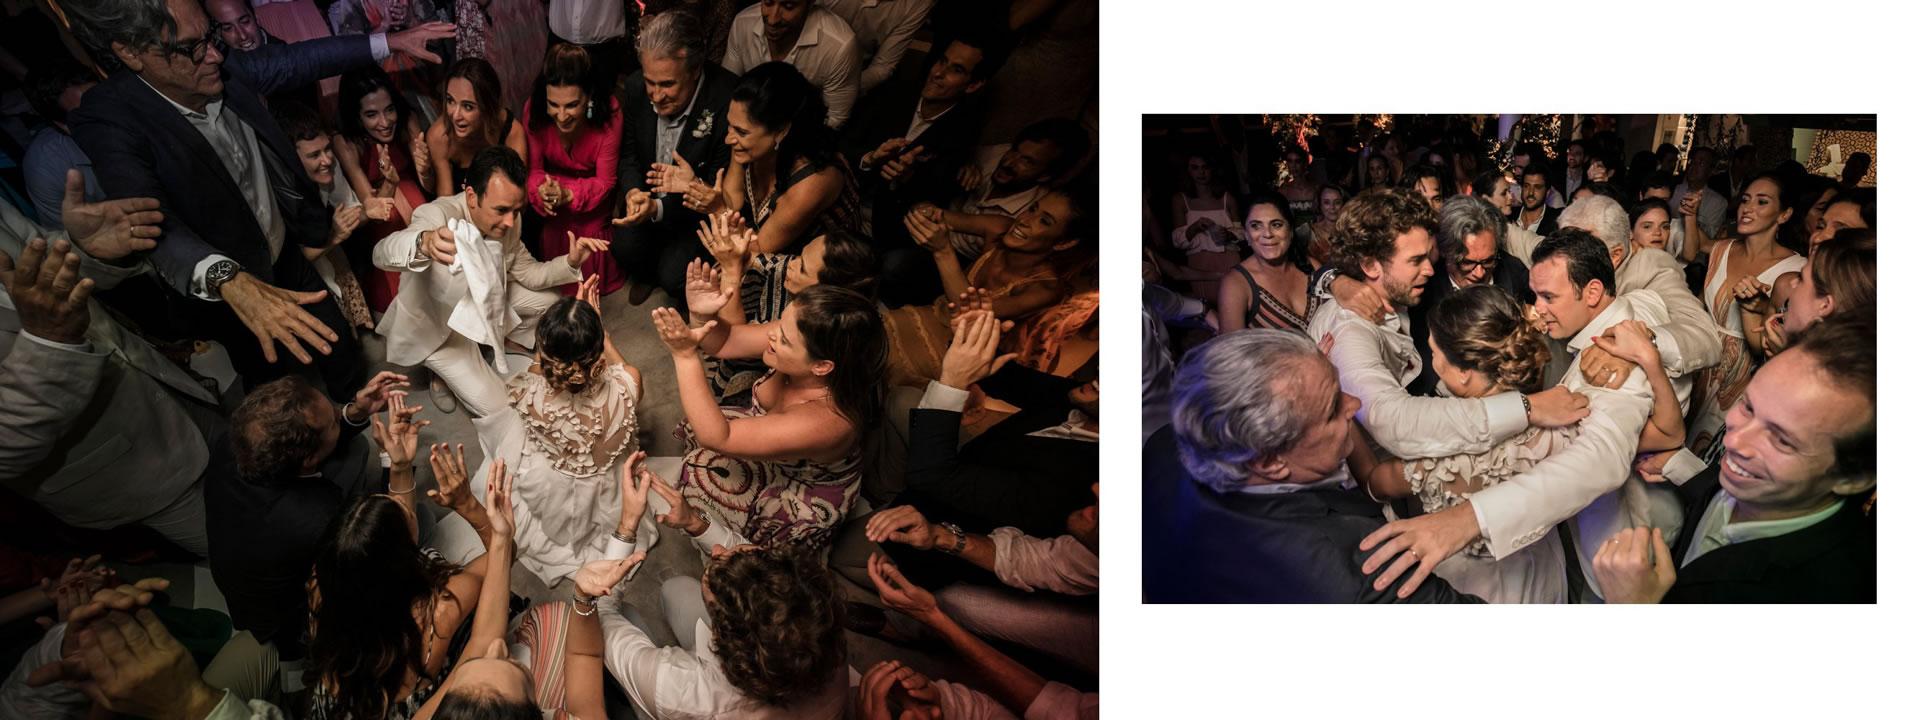 - 59 :: Jewish luxury wedding weekend in Capri :: Luxury wedding photography - 58 ::  - 59